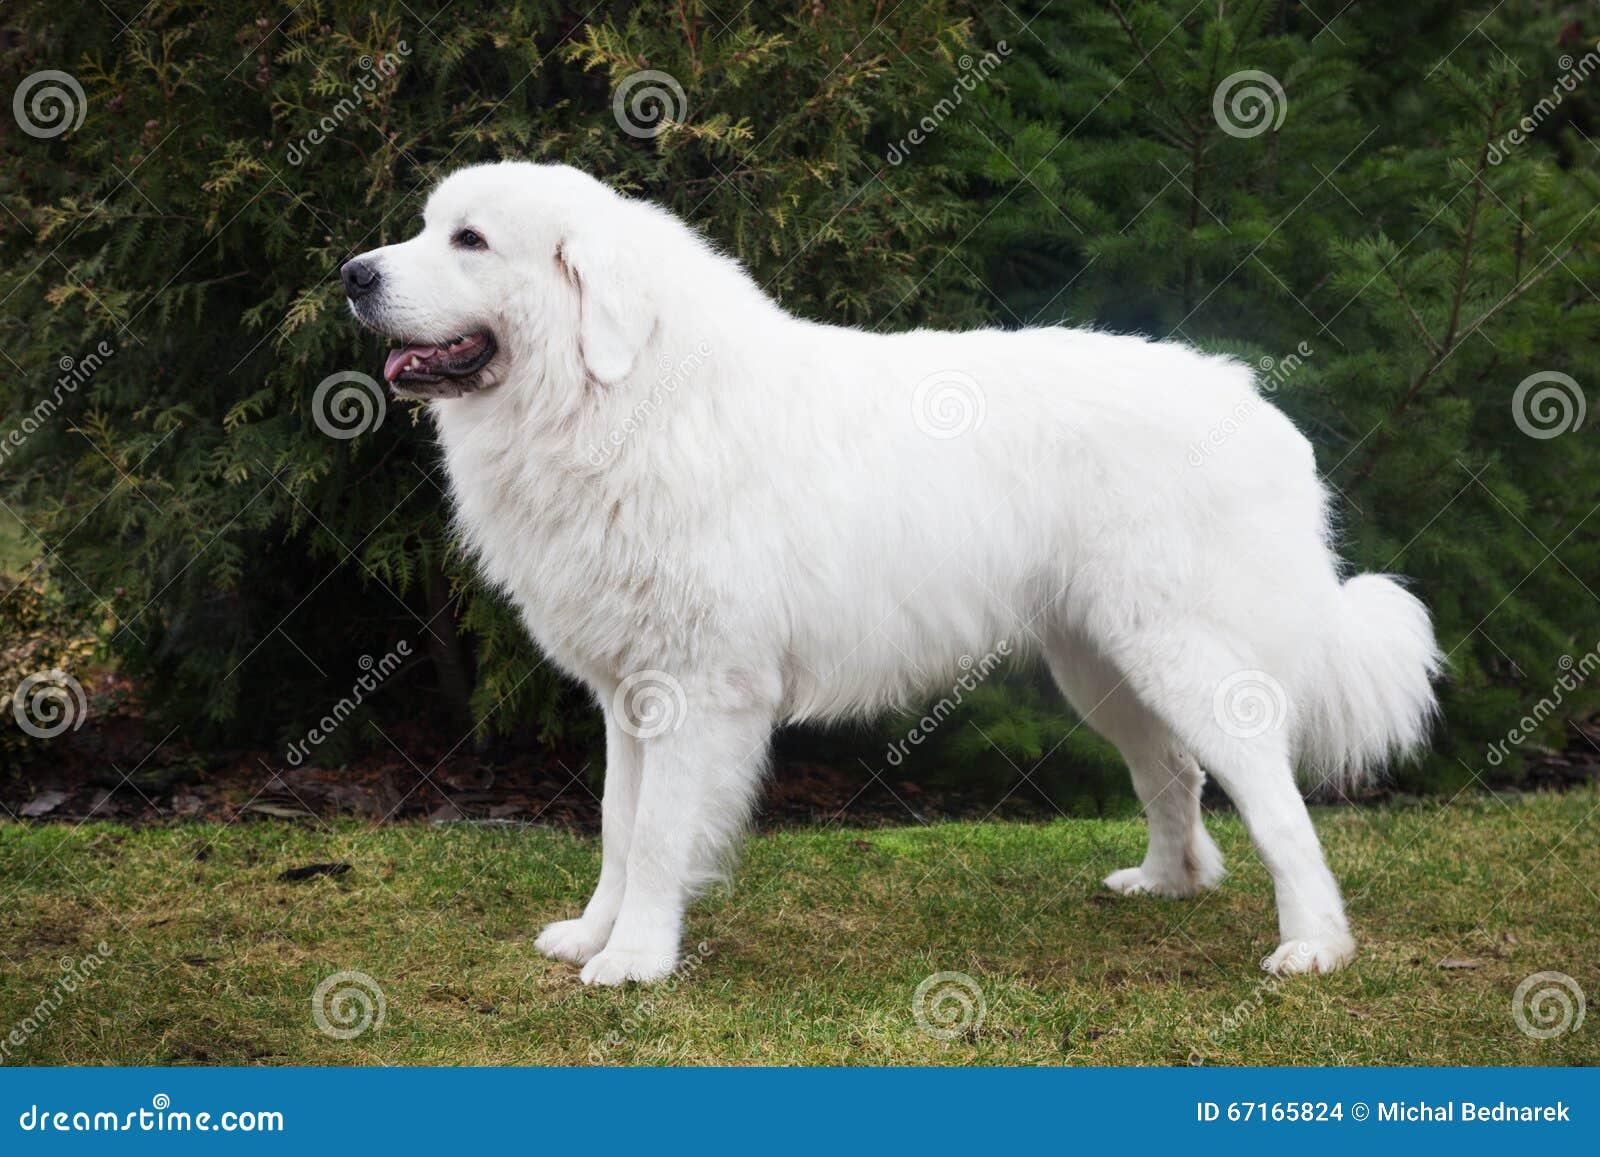 poolse herdershond tatra voorbeeldgever in zijn ras ook genoemd